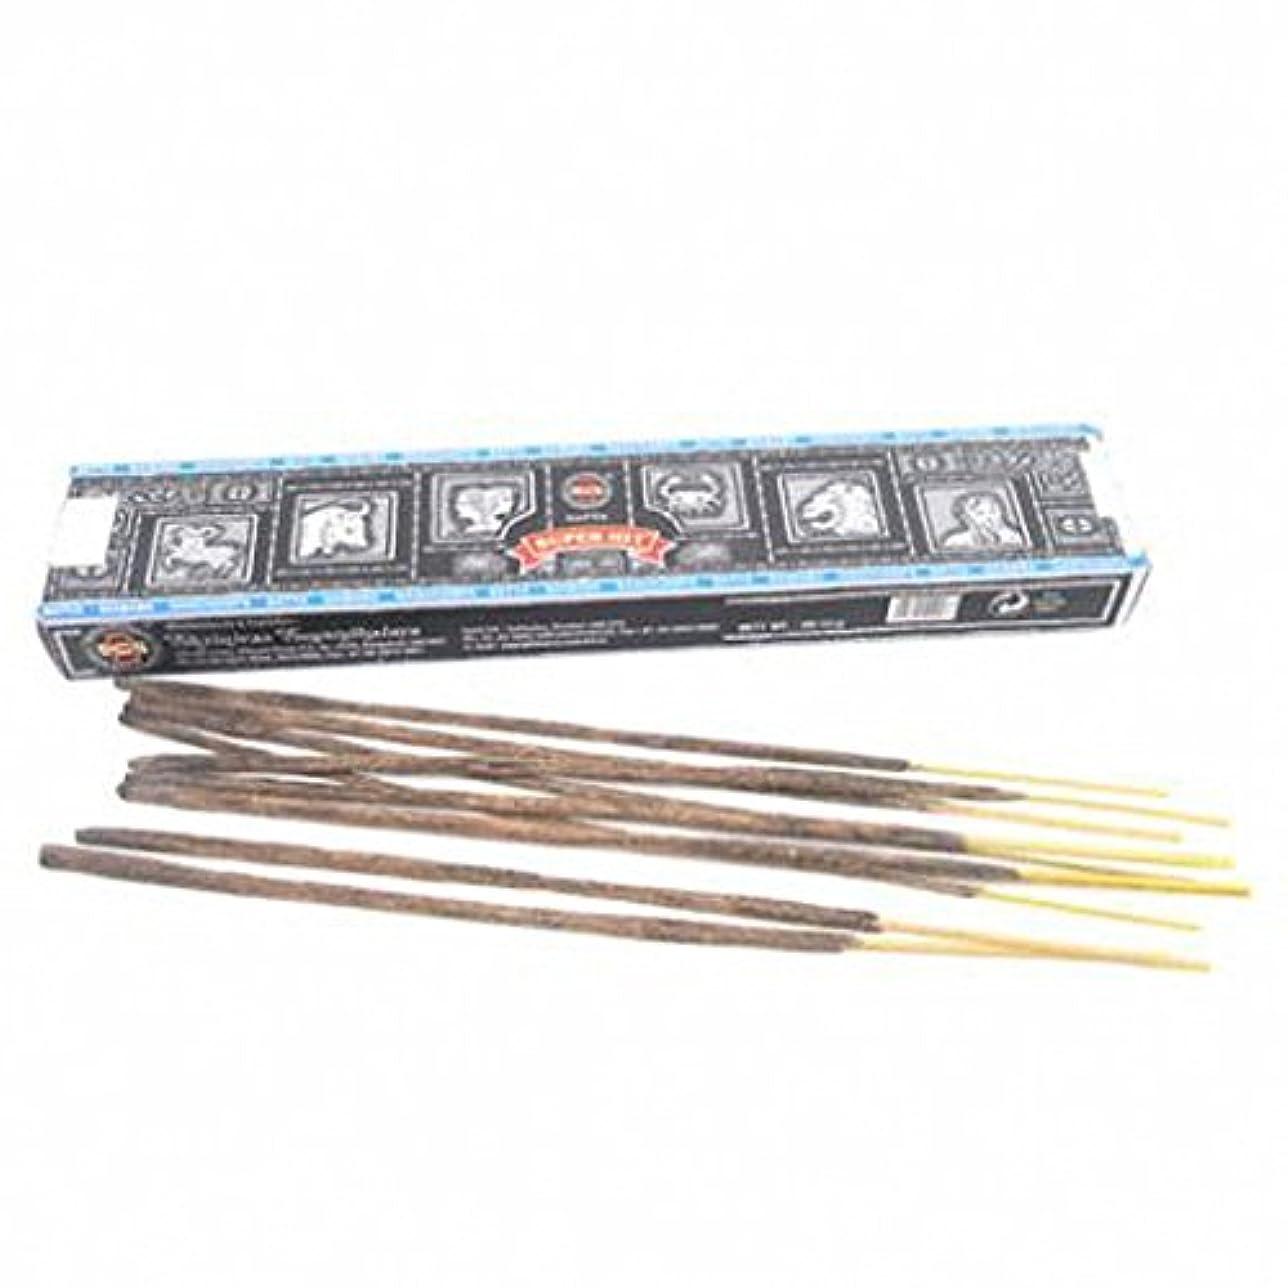 トチの実の木電気技師専らSatya Sai Babaスーパーヒット香15 g 3パック*価格Inc P & P * by Nag Champa